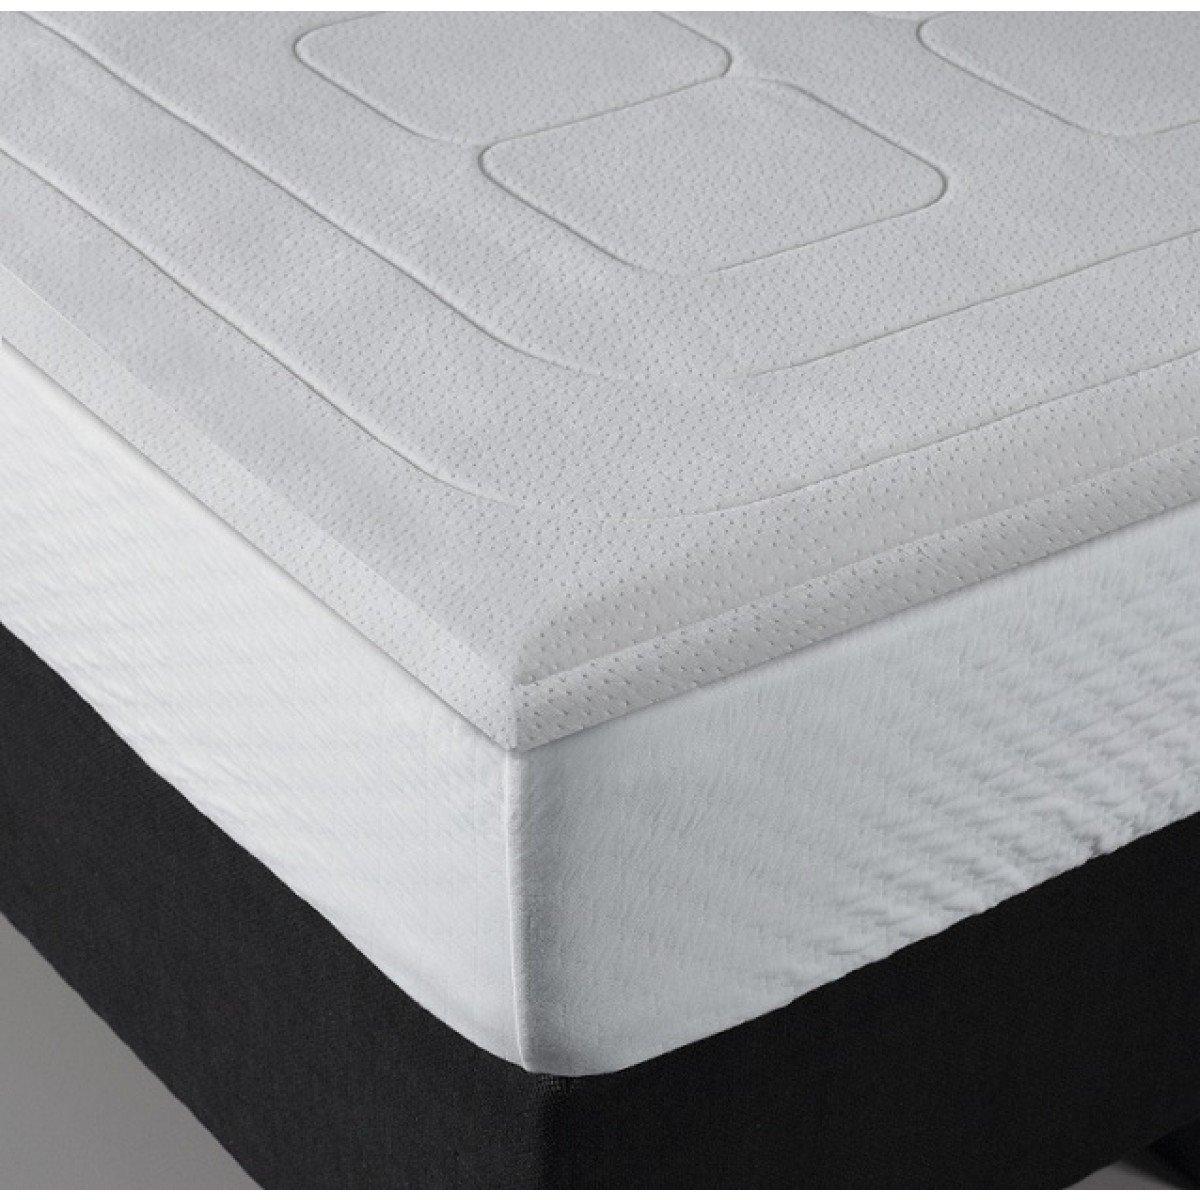 Surmatelas Bultex Confort M Moire De Forme 140×190 Amazon Fr